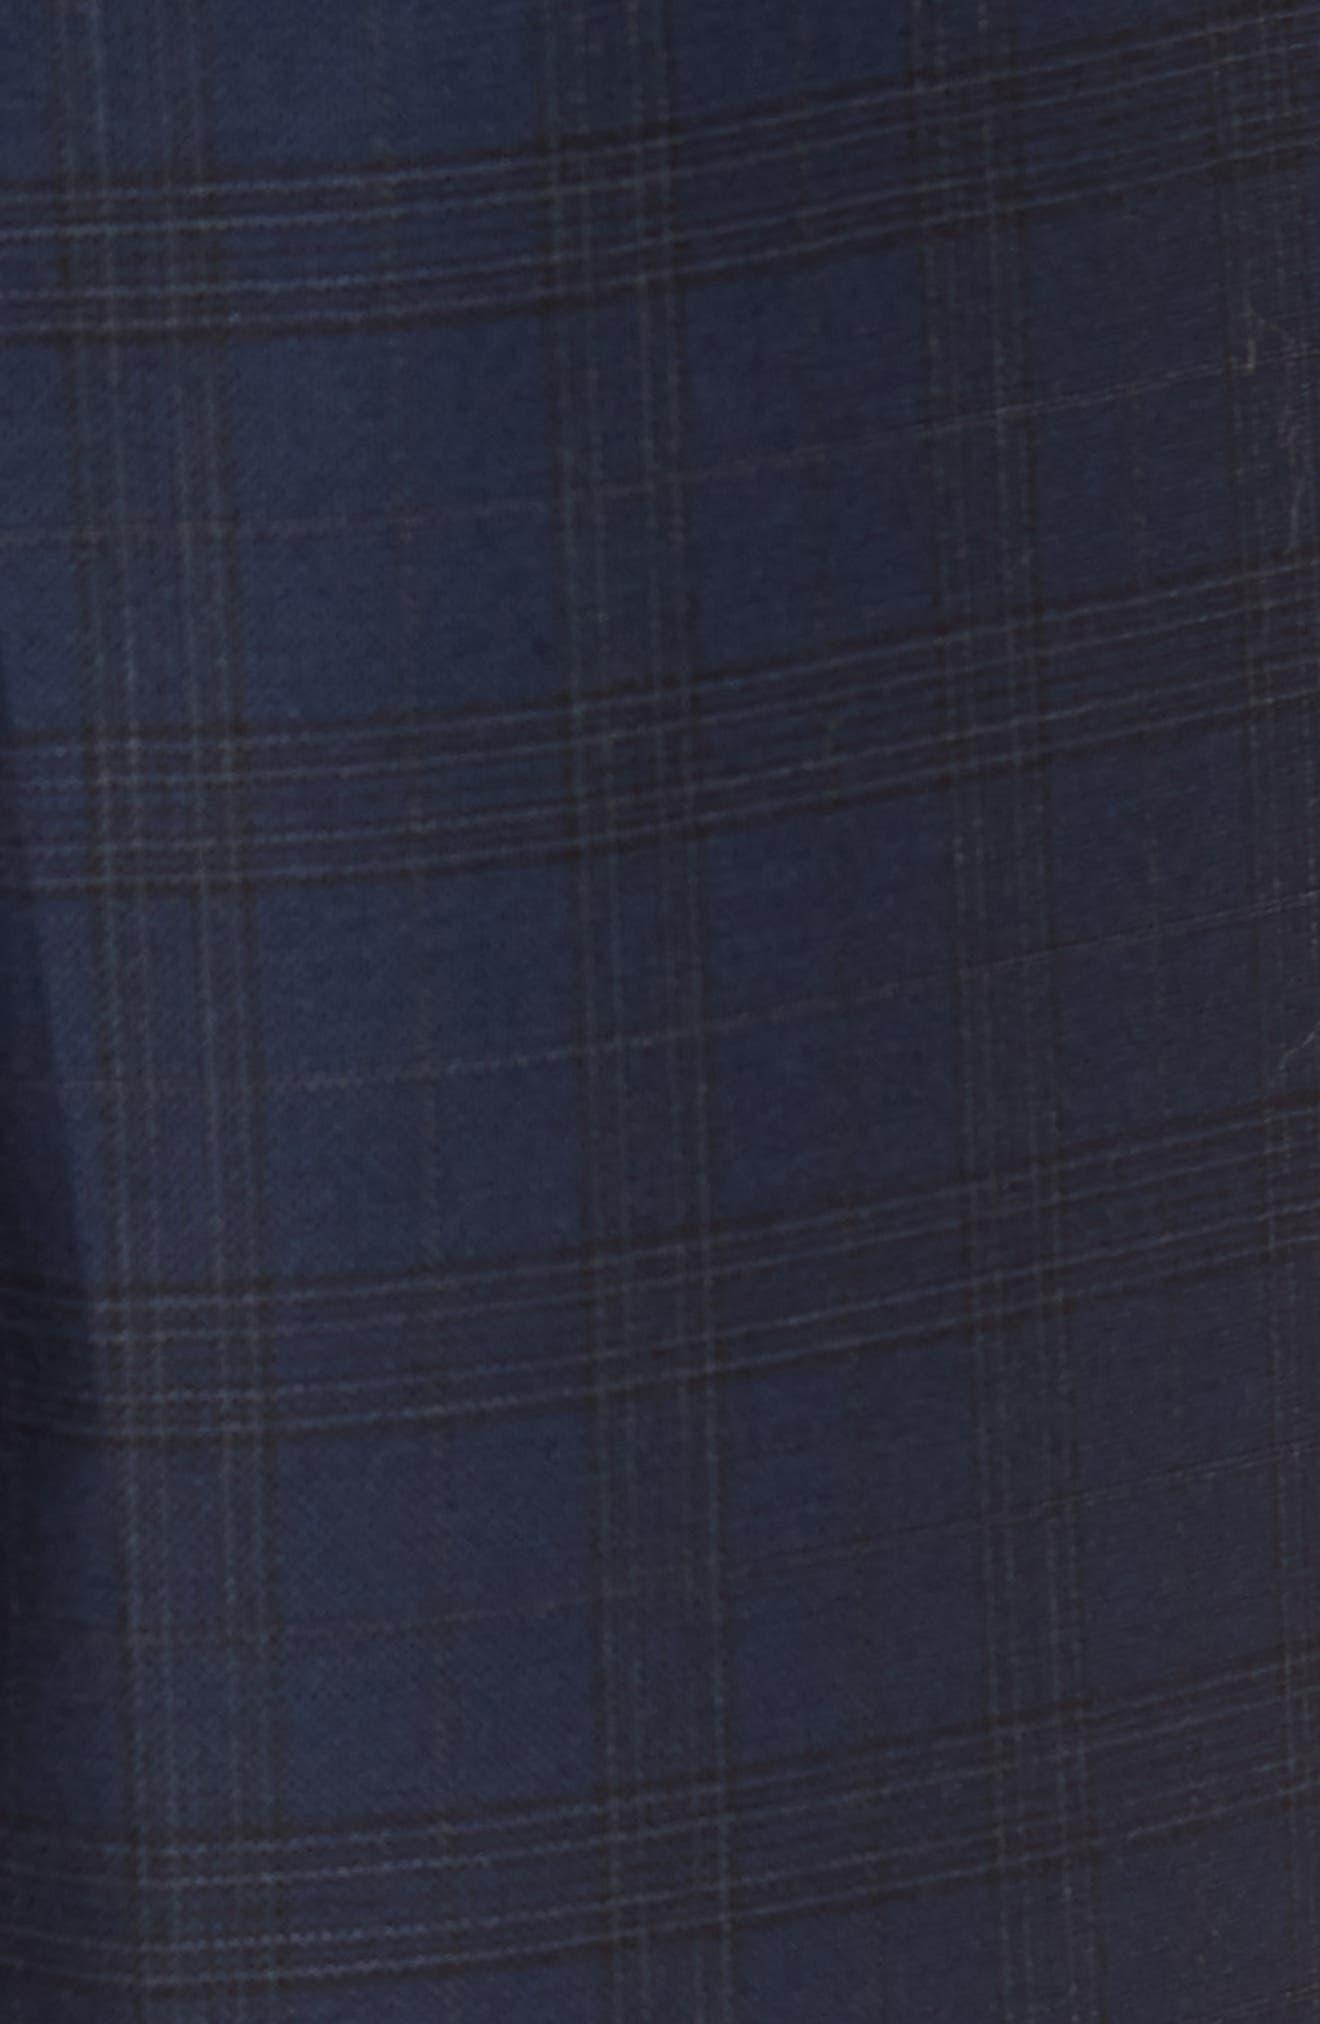 Jetsetter Slim Fit Stretch Suit Pants,                             Alternate thumbnail 5, color,                             SUBTLE NAVY PLAID